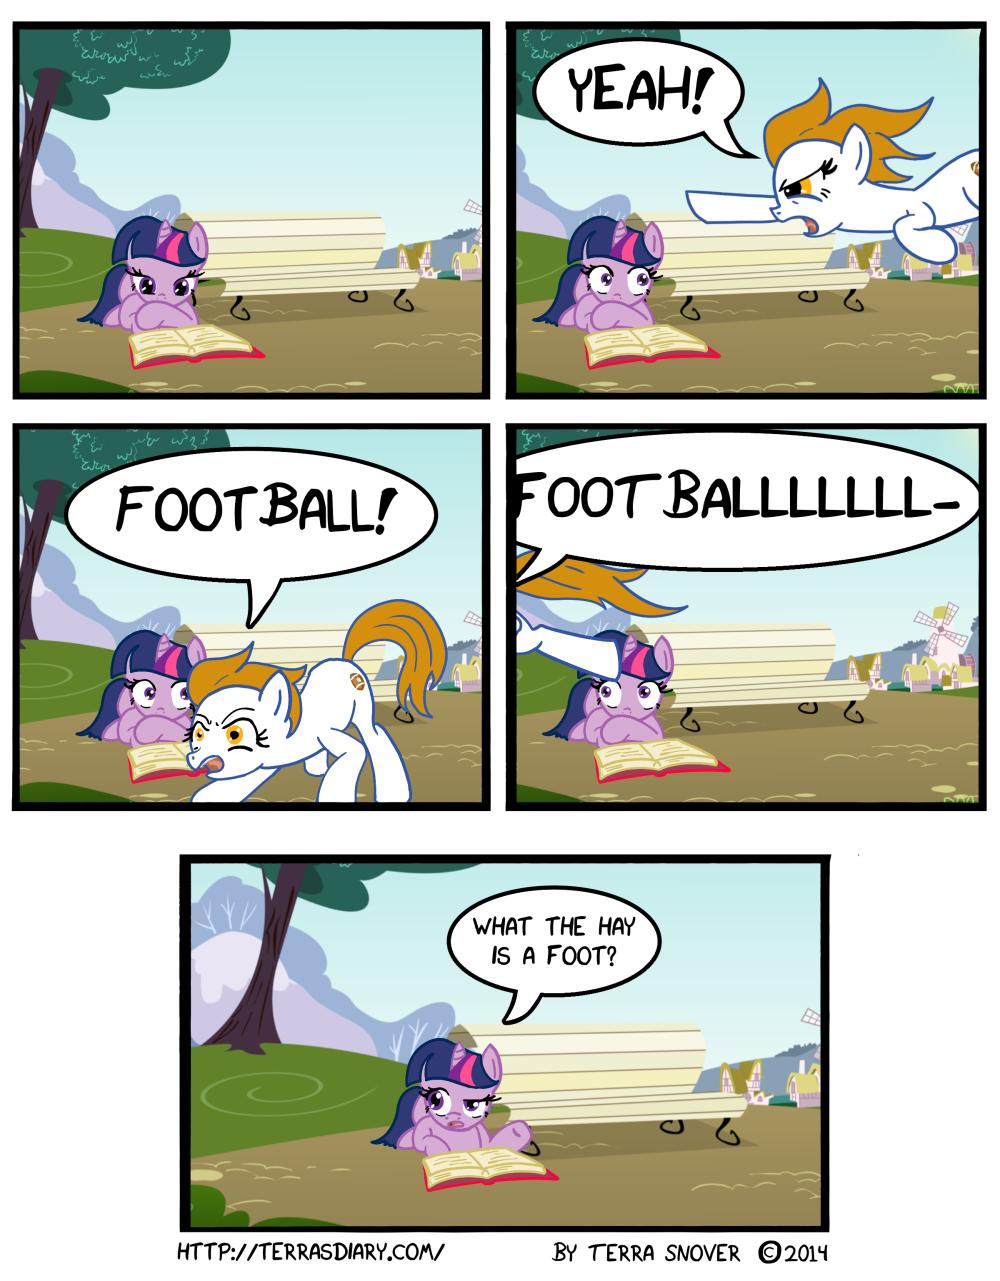 Foot?